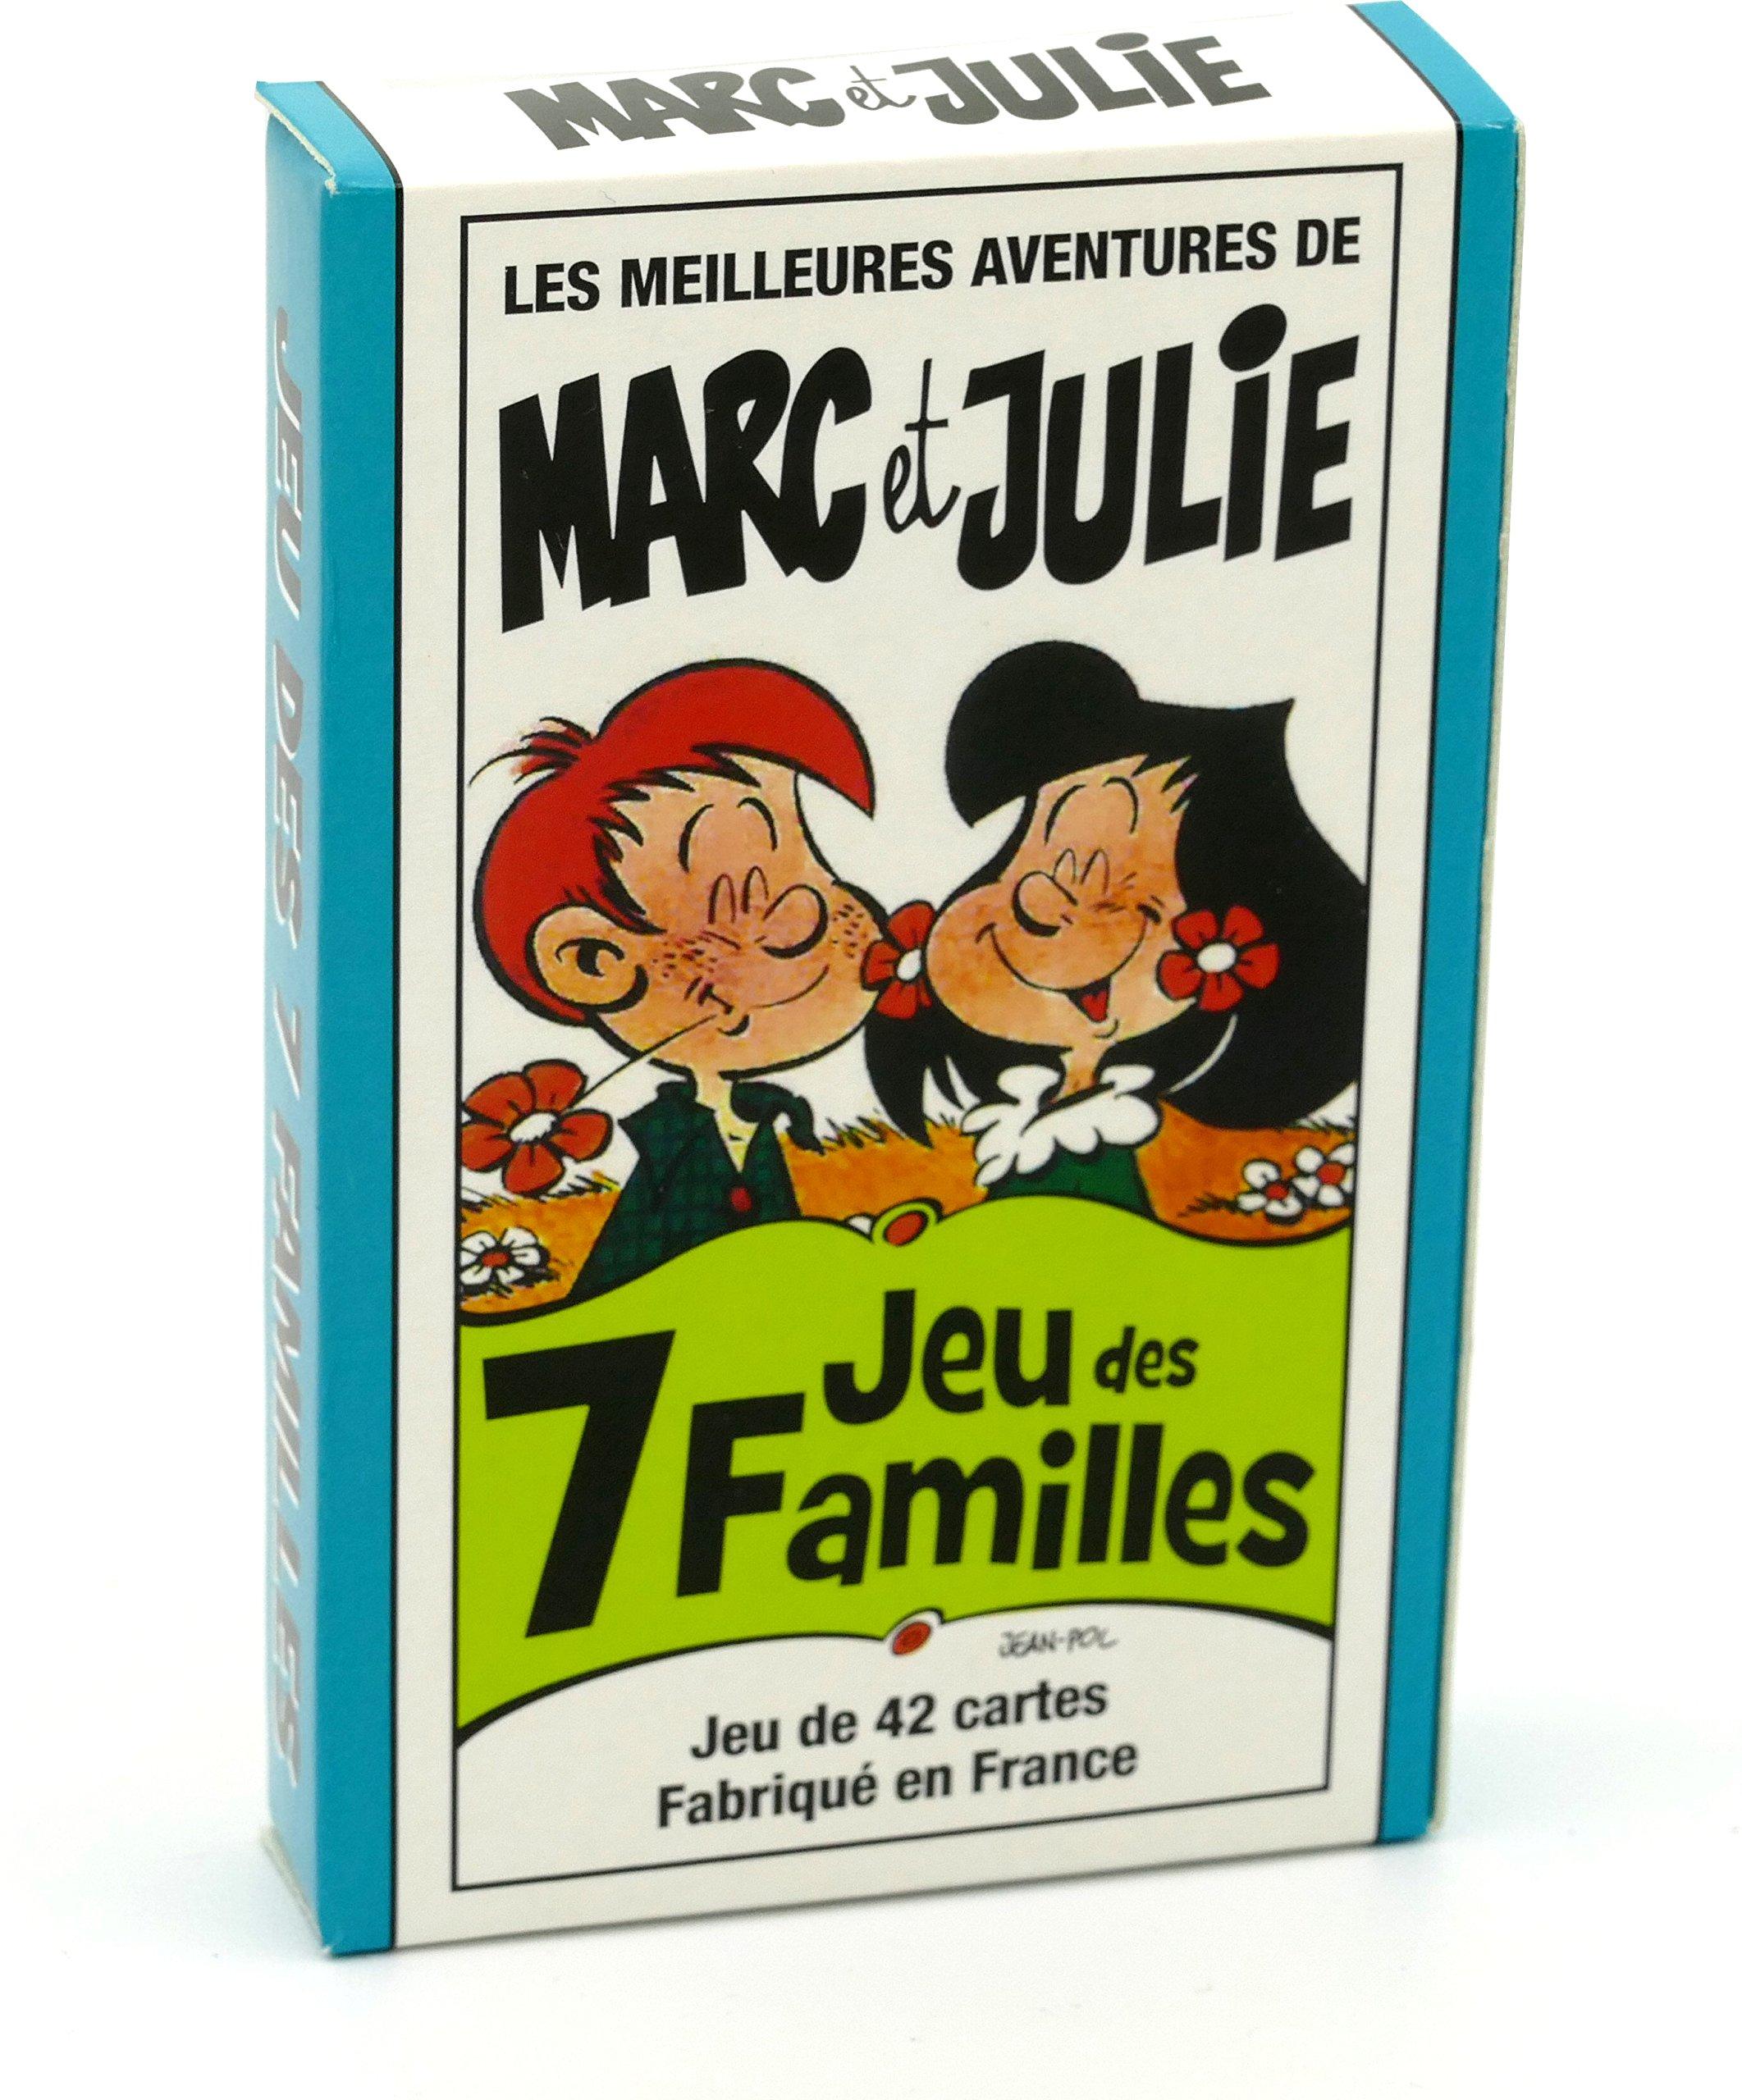 FRANCE CARTES - Jeu des 7 familles - Les Meilleures Aventures de Marc et Julie product image